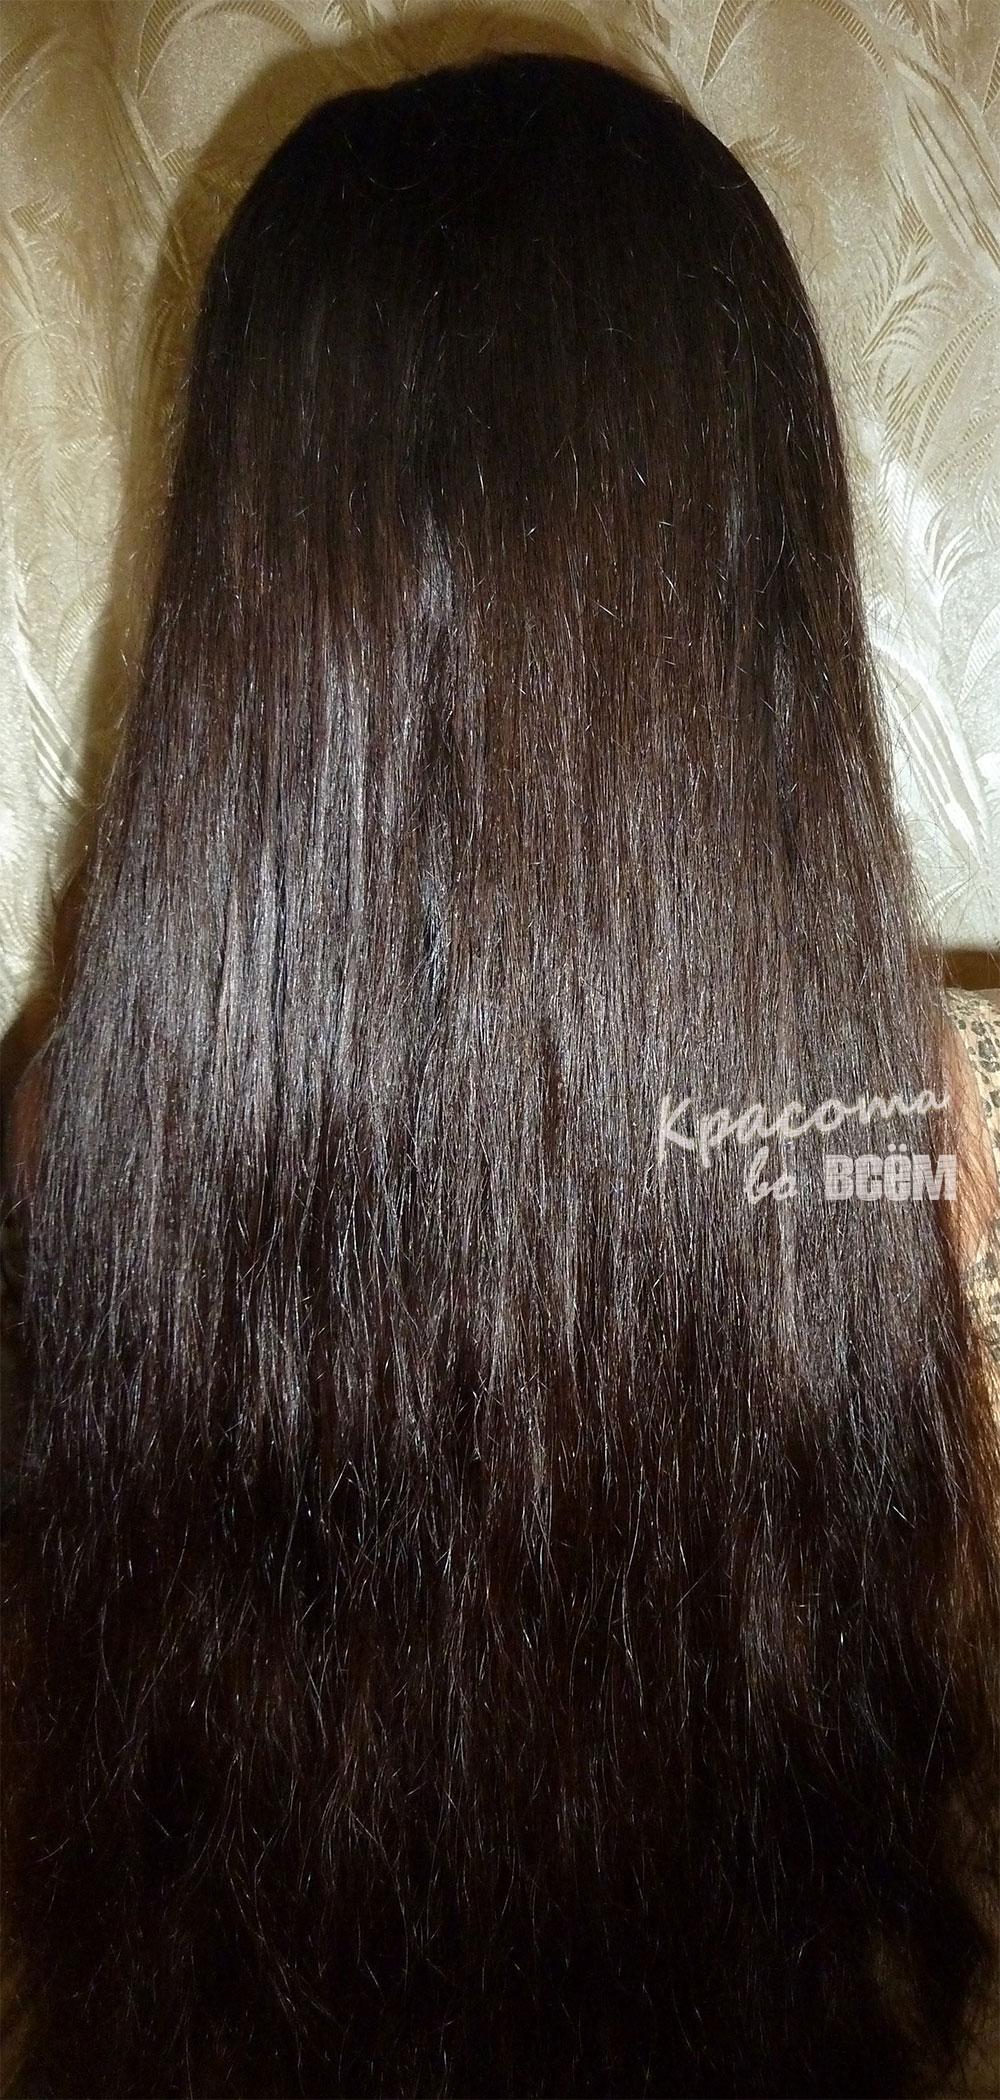 Кокосовое масло для красоты волос. Вид волос после кокосового масла издалека.